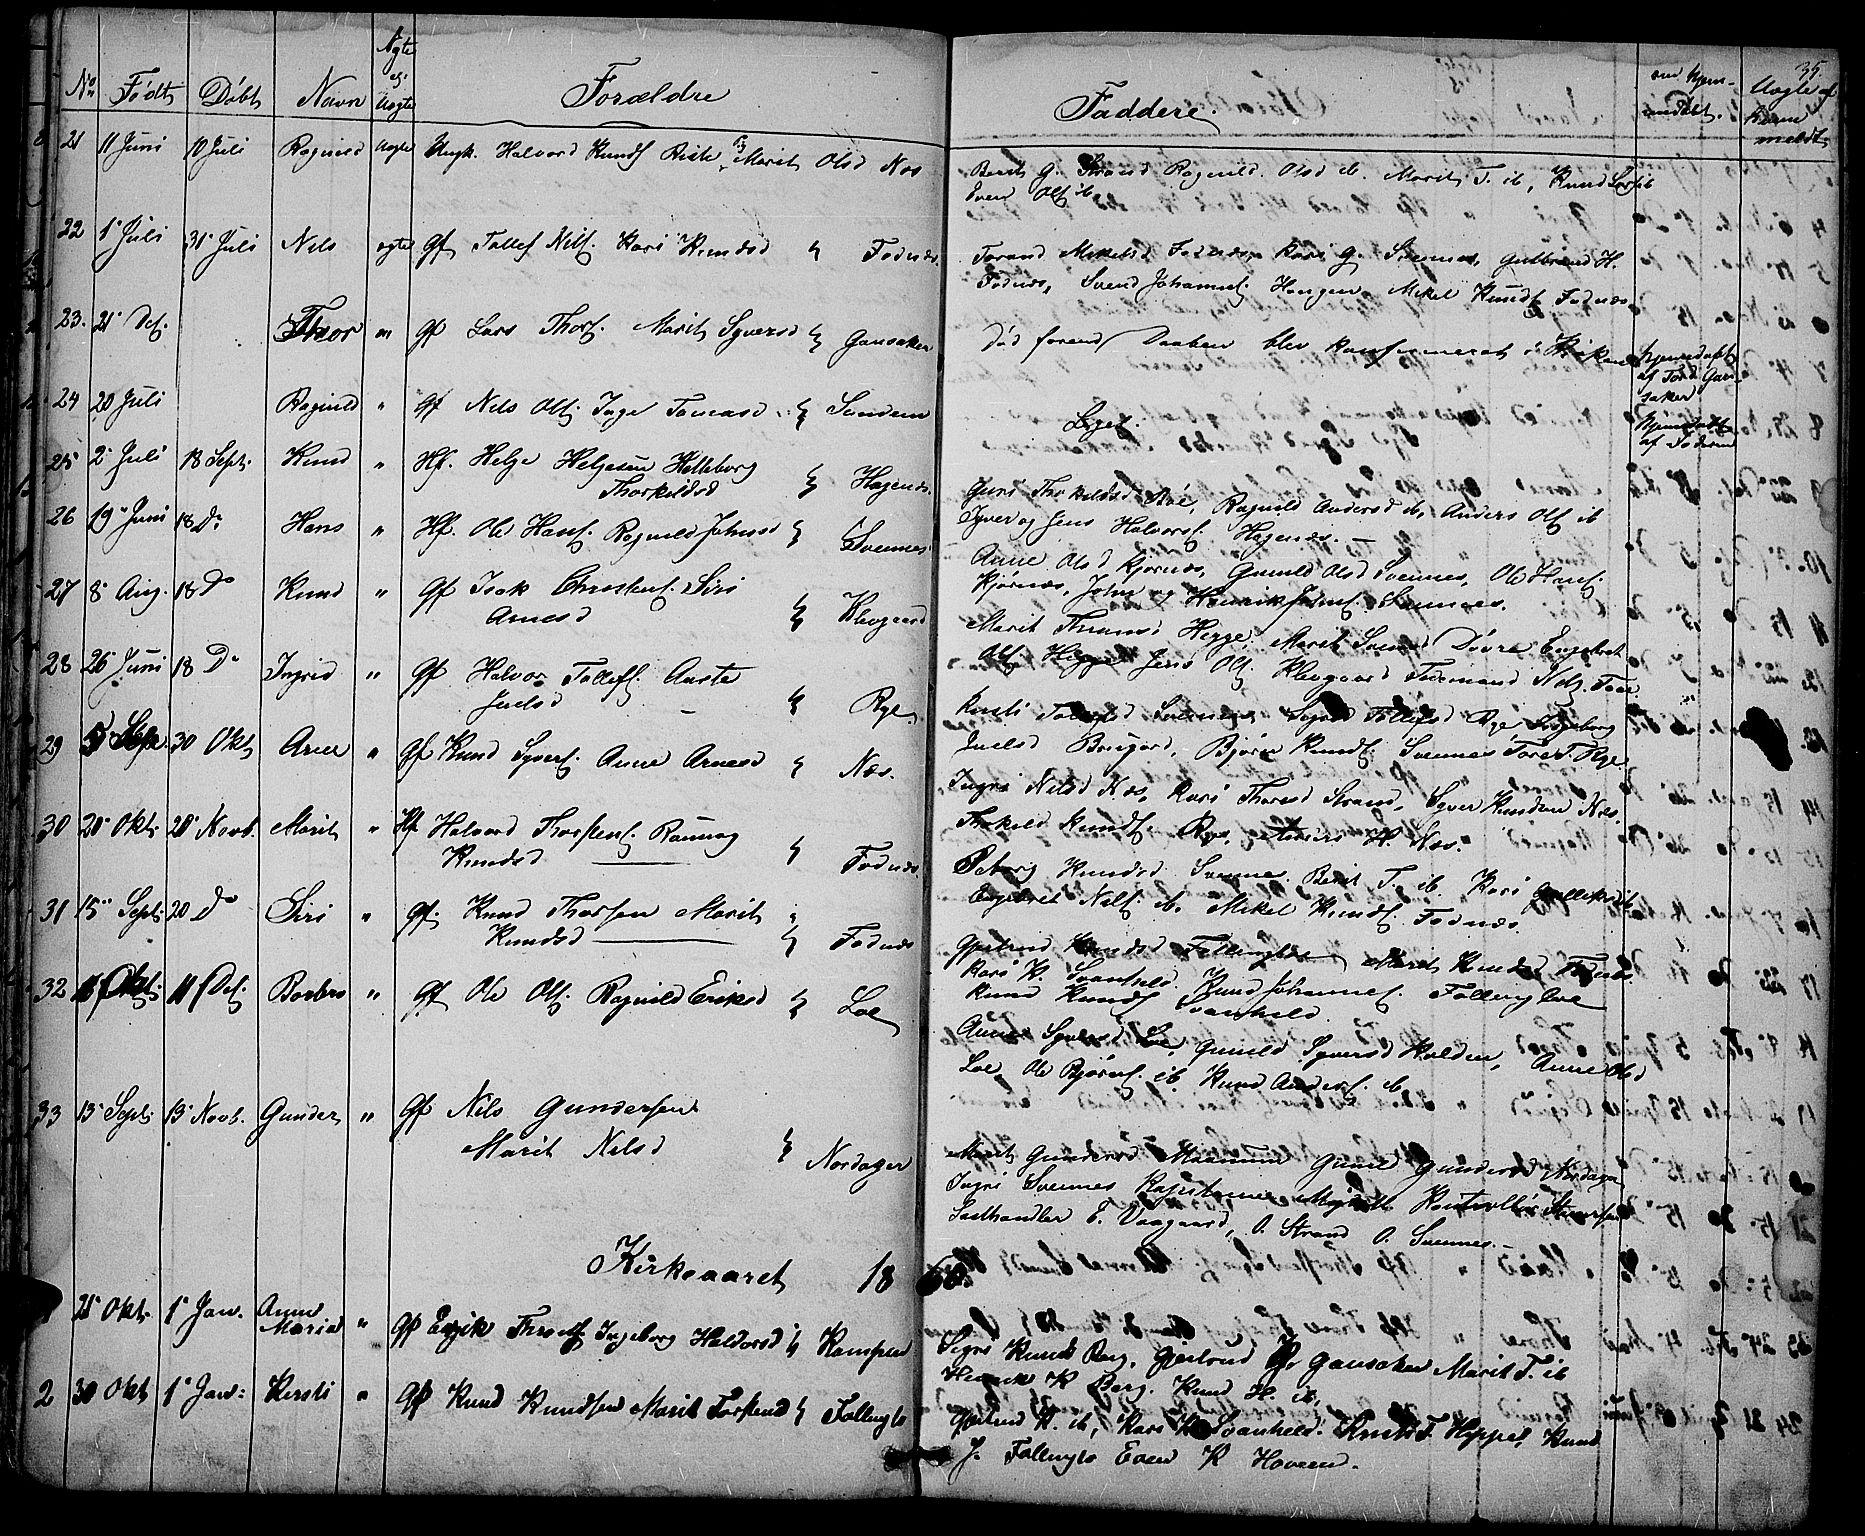 SAH, Nord-Aurdal prestekontor, Klokkerbok nr. 3, 1842-1882, s. 35